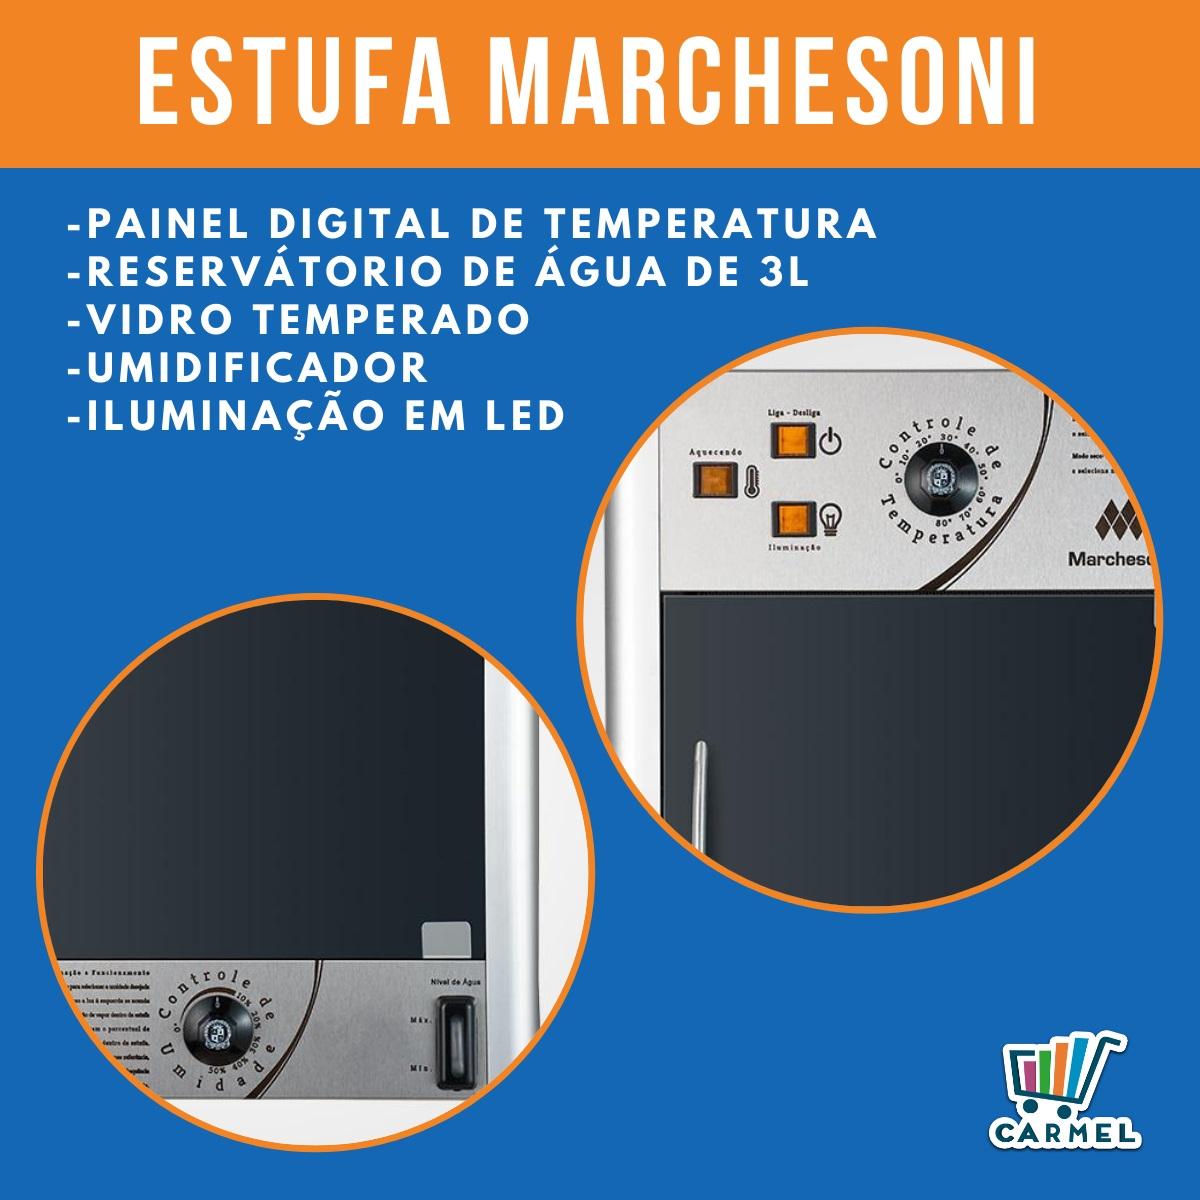 Estufa p/ Salgados Vertical c/ Iluminação LED Marchesoni 6 Bandejas Linha Premium - EF6261/262  - Carmel Equipamentos